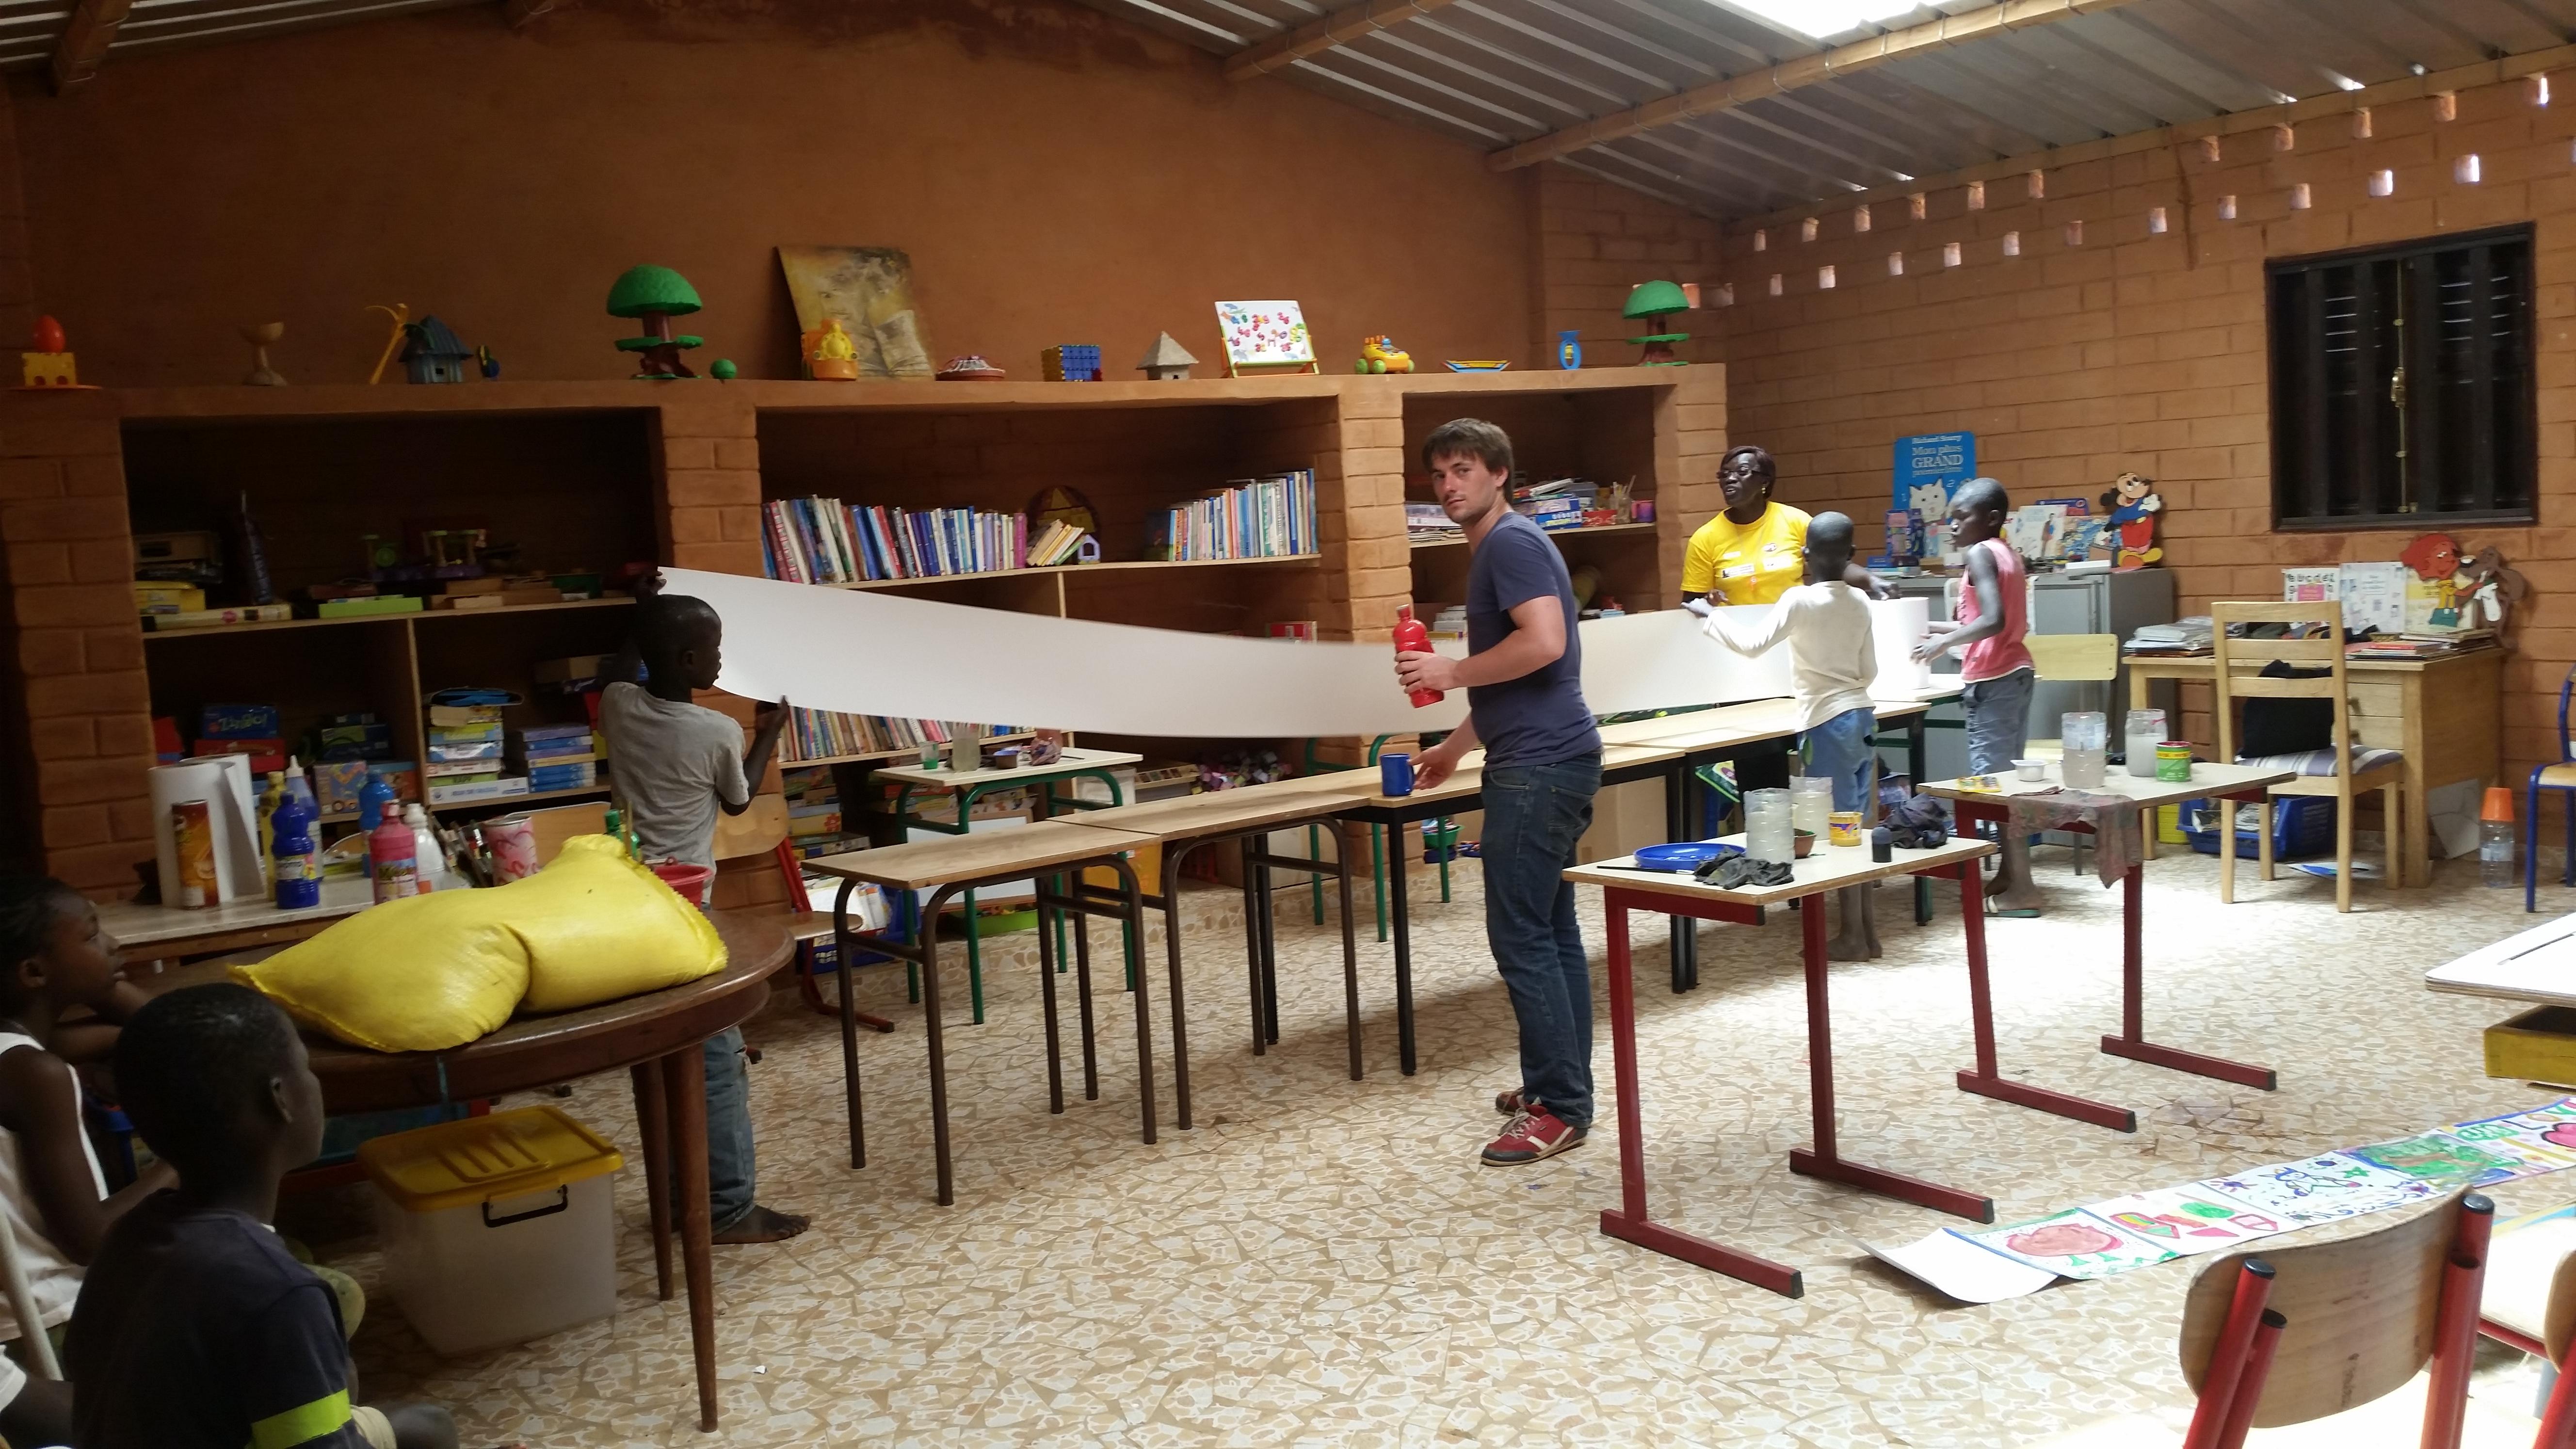 classe atelier avec enfants